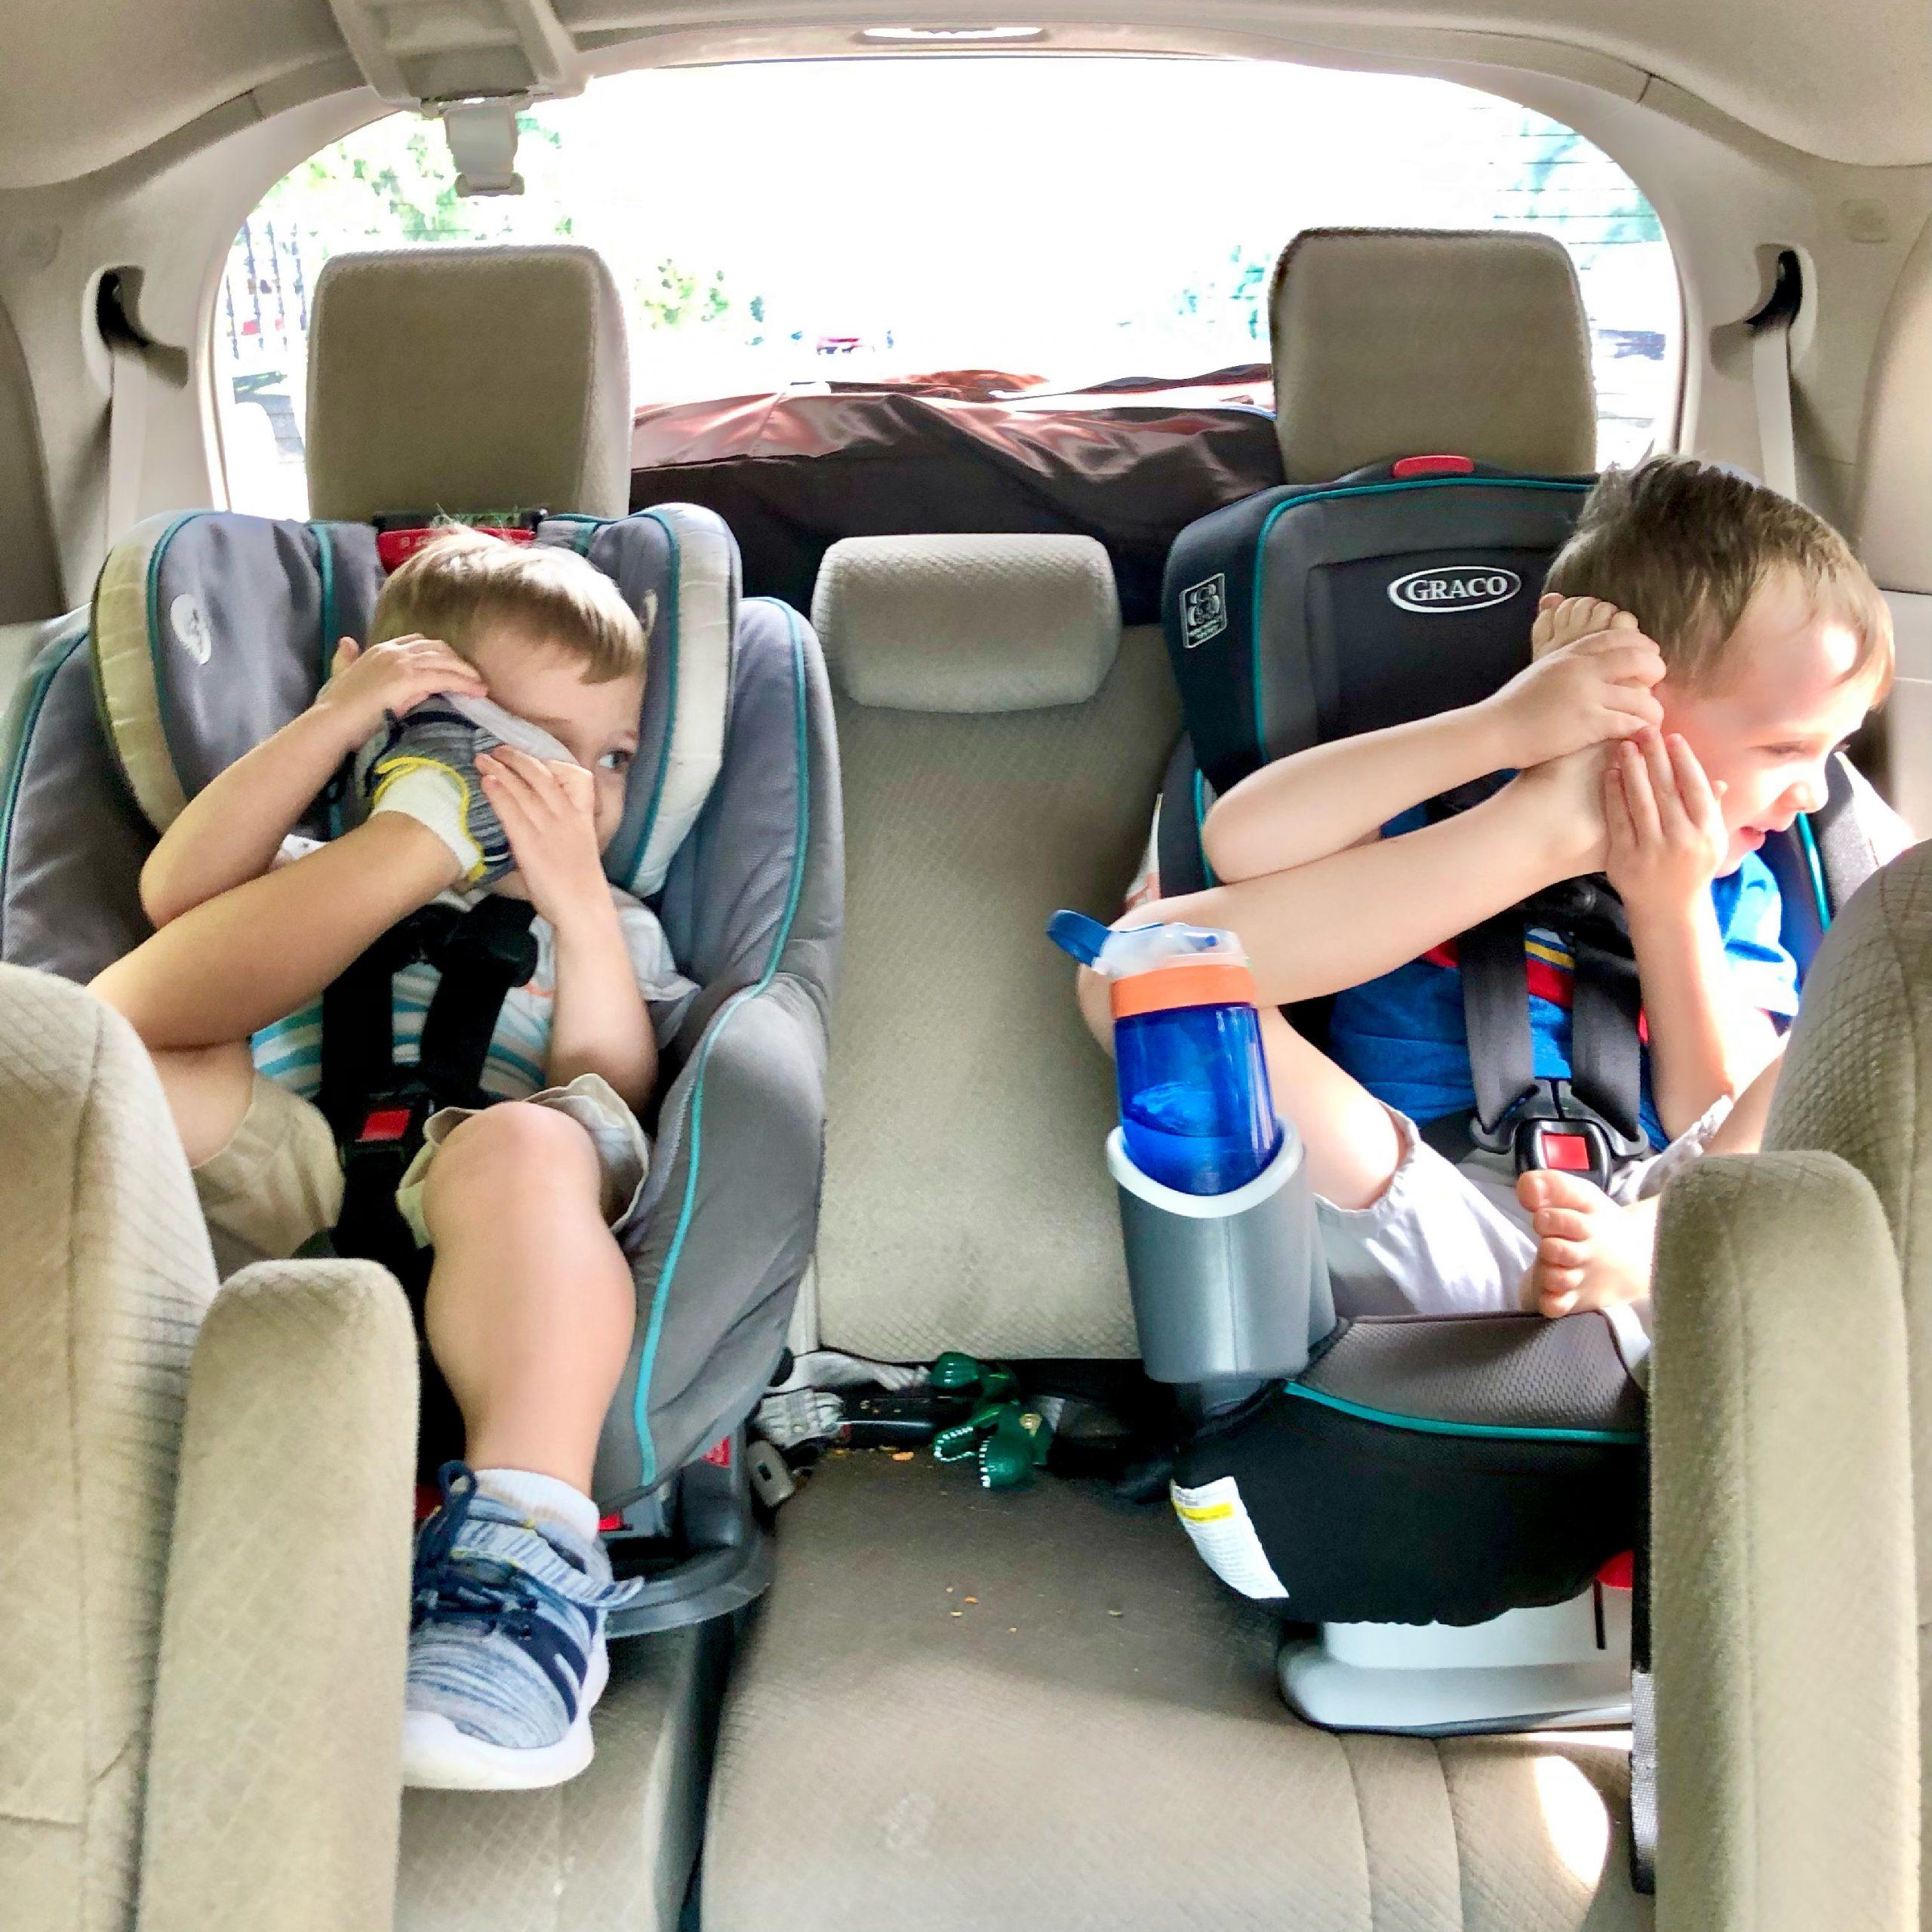 Road Trips With Kids #RoadTrip #FamilyVacation #RoadTripTips #RoadTripSurvivalGuide